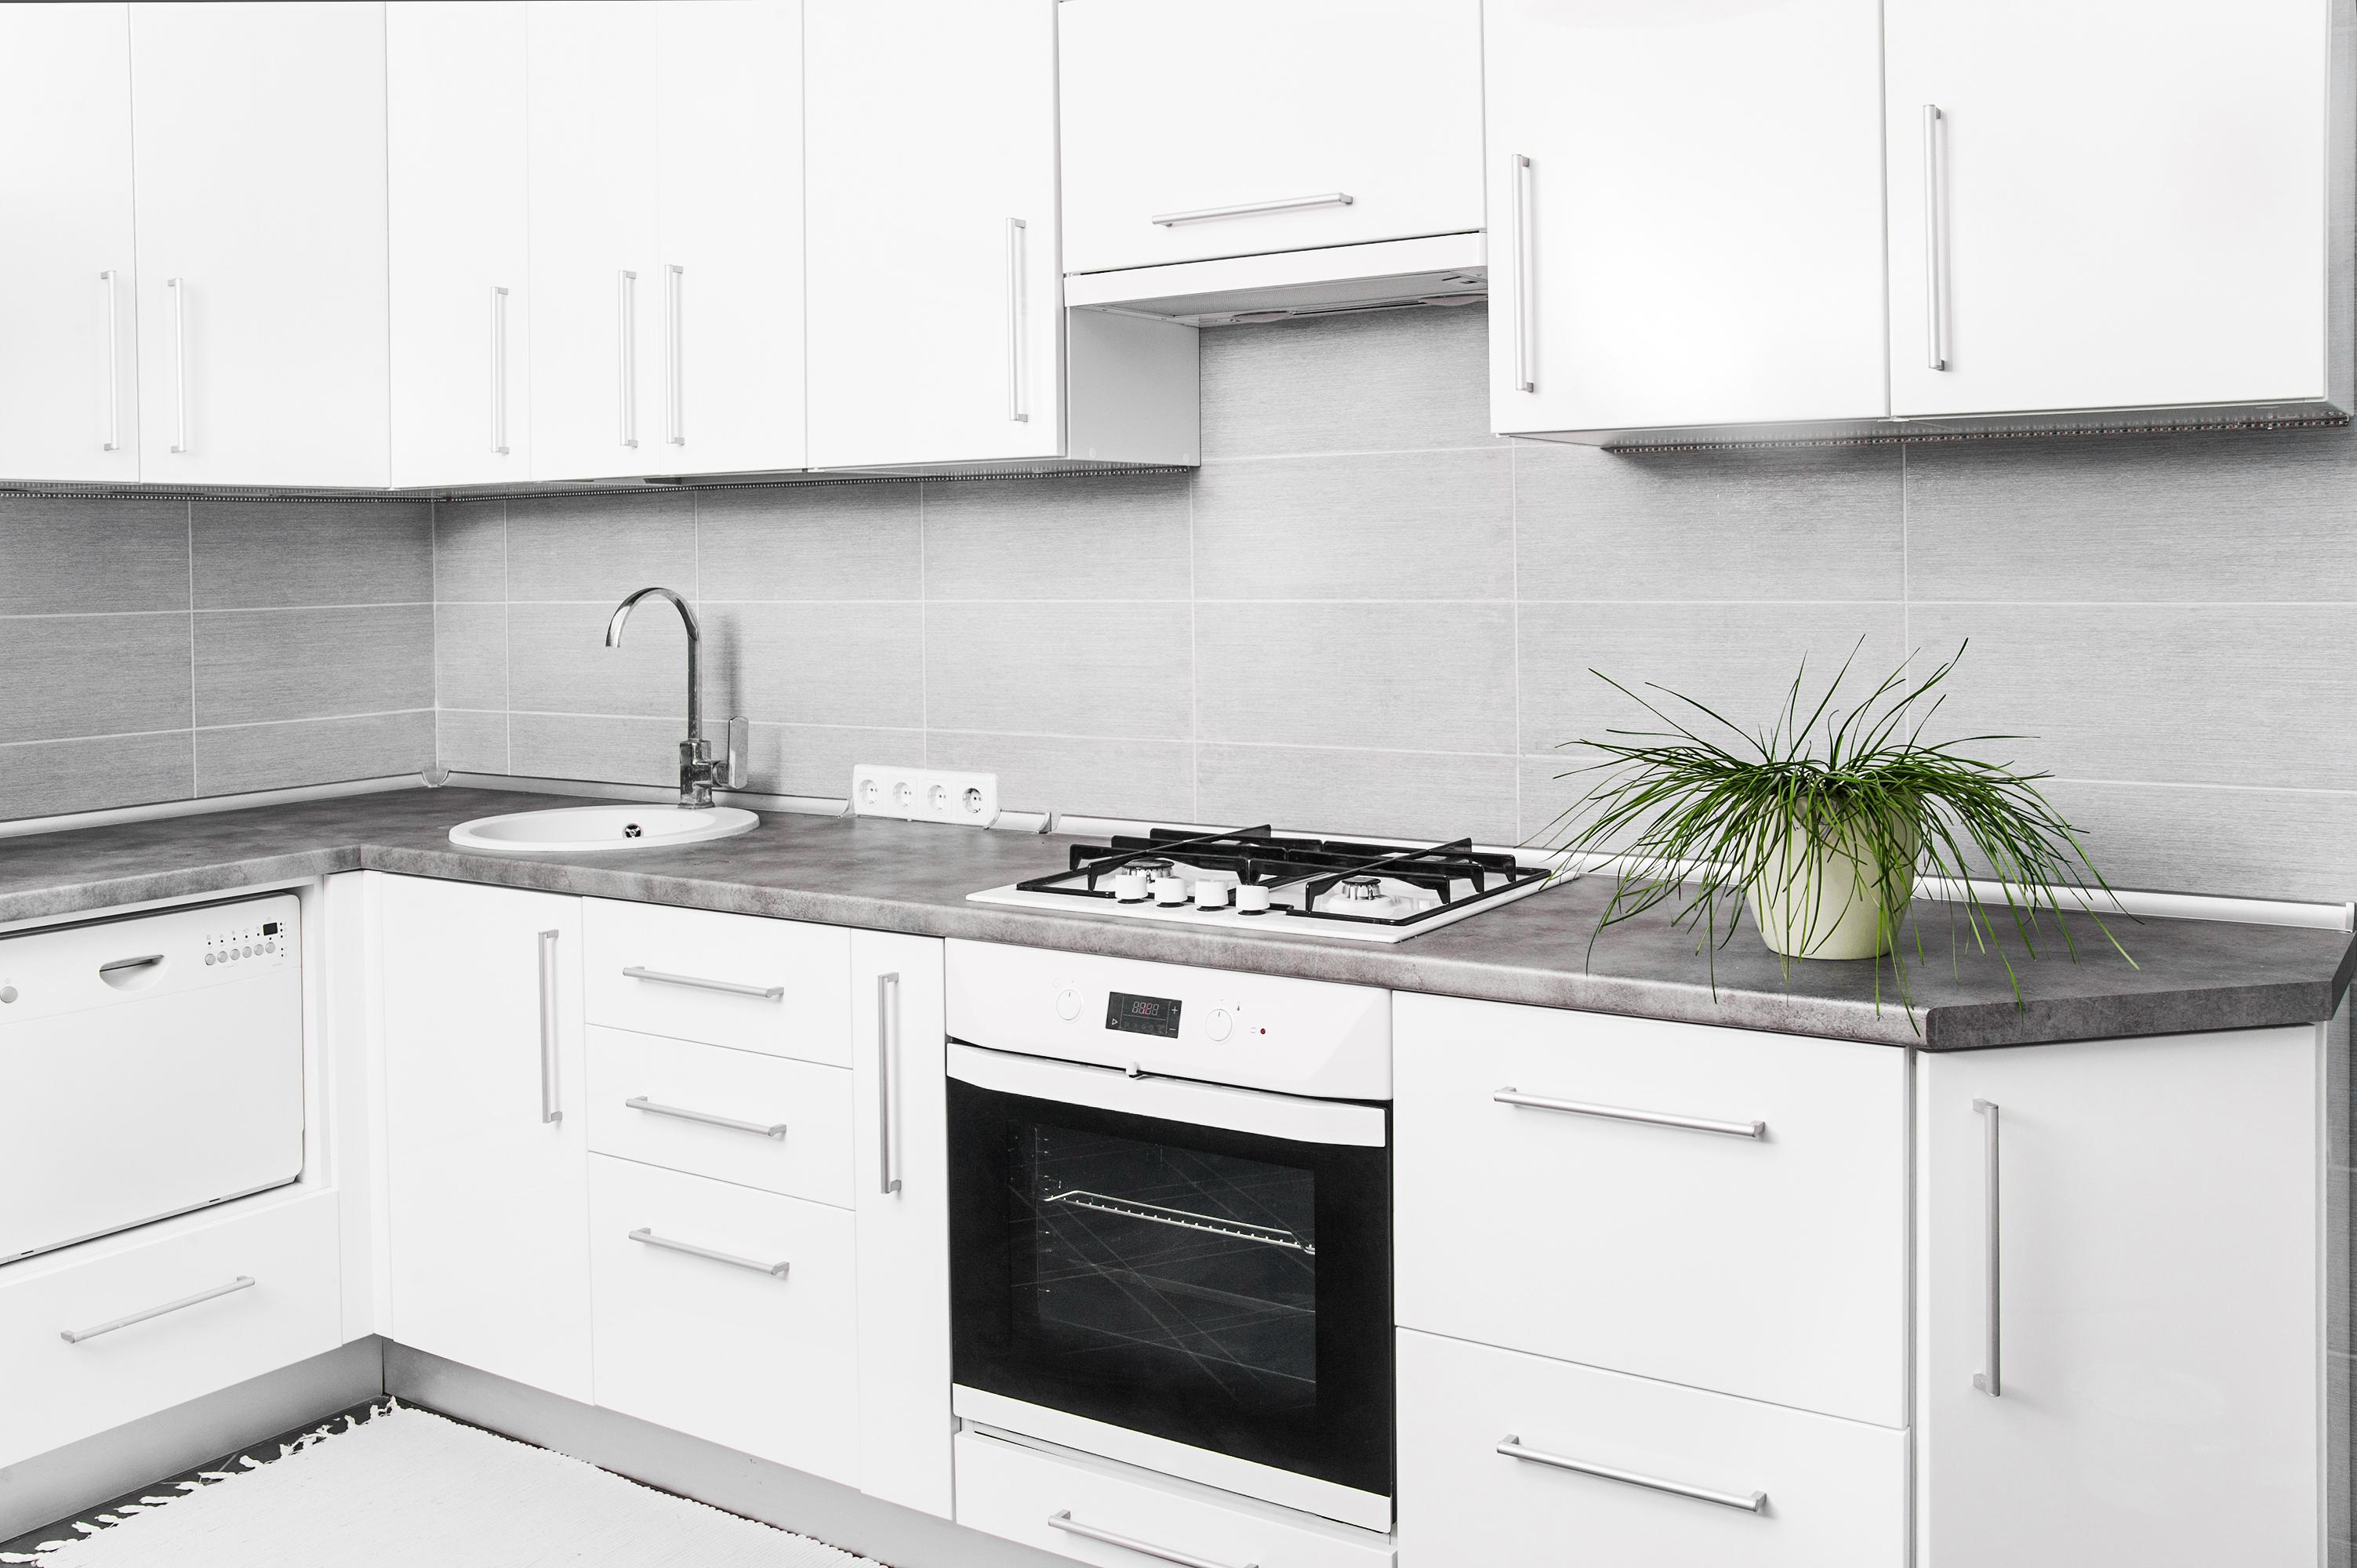 Bigstock Interior Of Small White Kitche 44702749 Kitchen